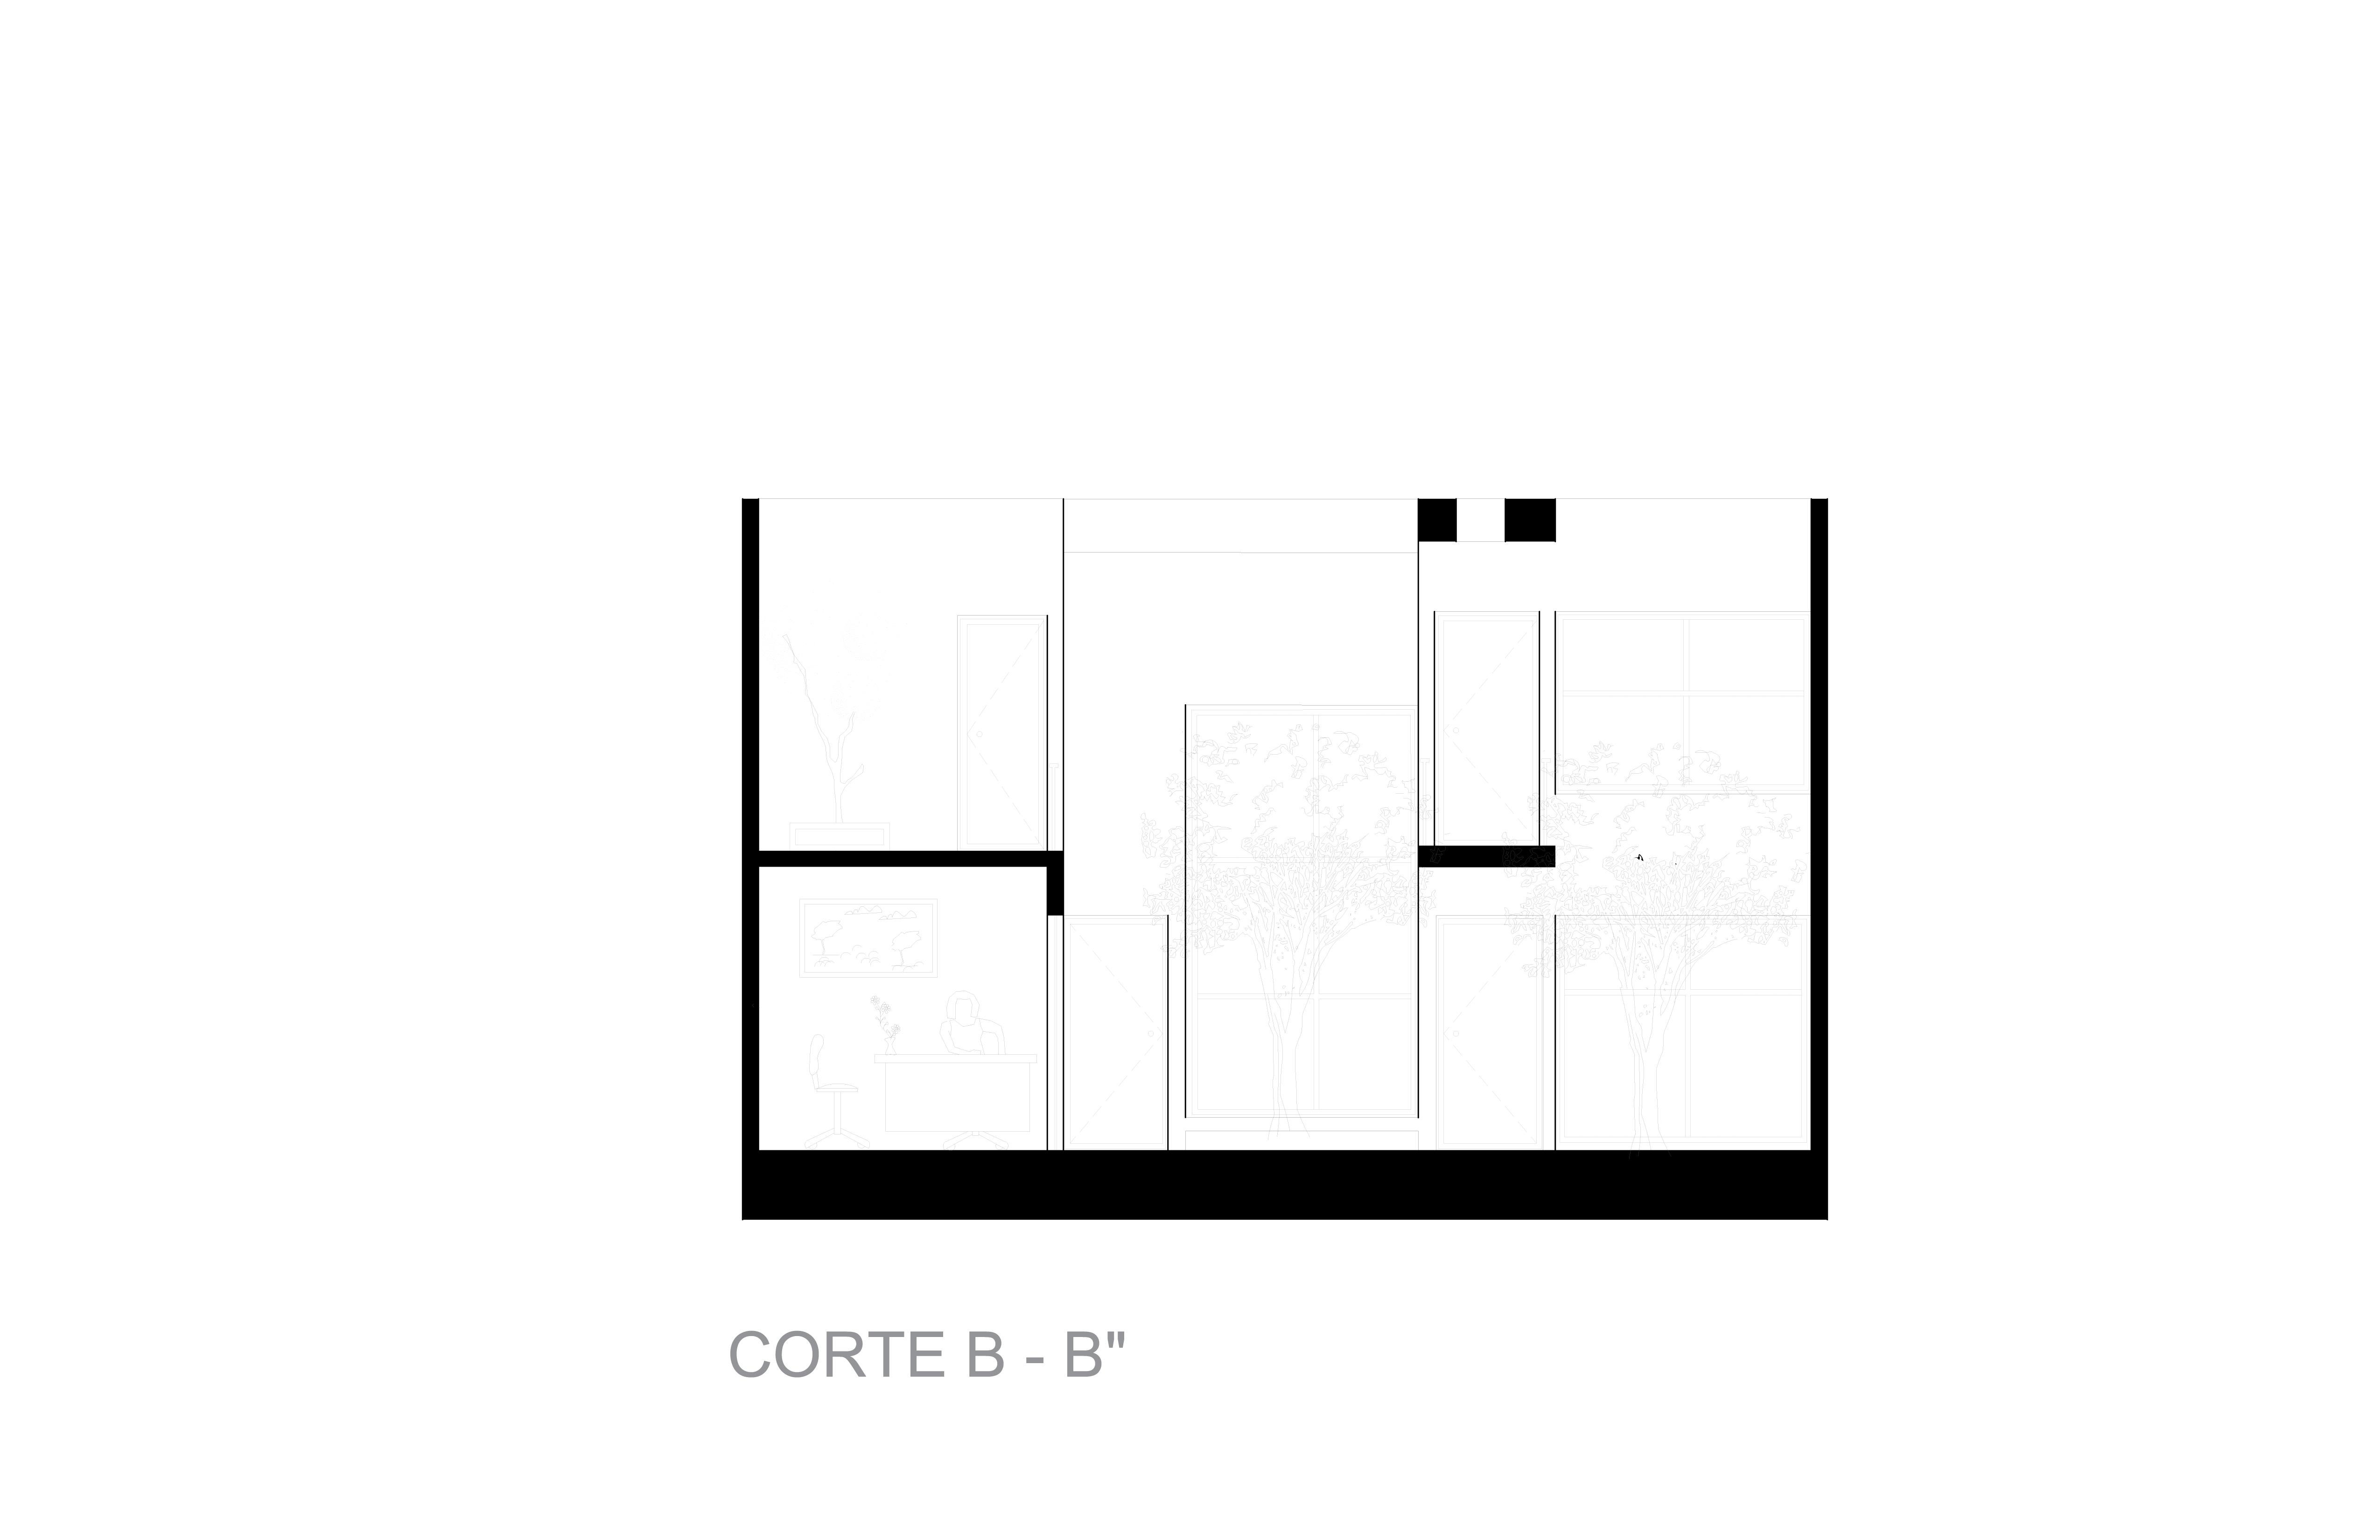 Corte 1-01